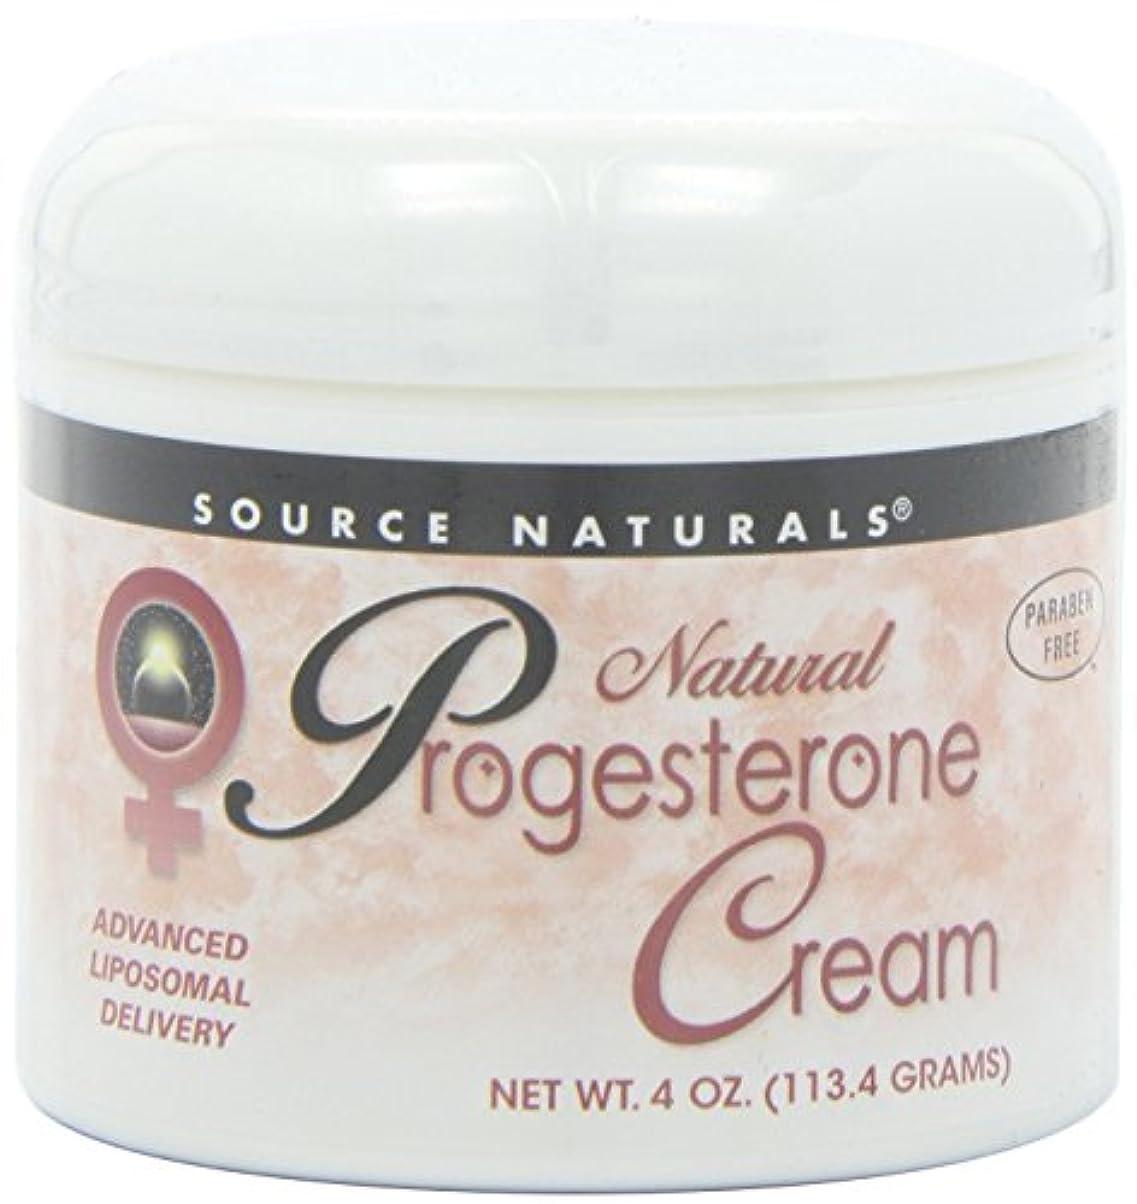 北へ赤面子孫Source Naturals Natural Progesterone Cream, 4 Ounce (113.4 g) クリーム 並行輸入品 [並行輸入品]